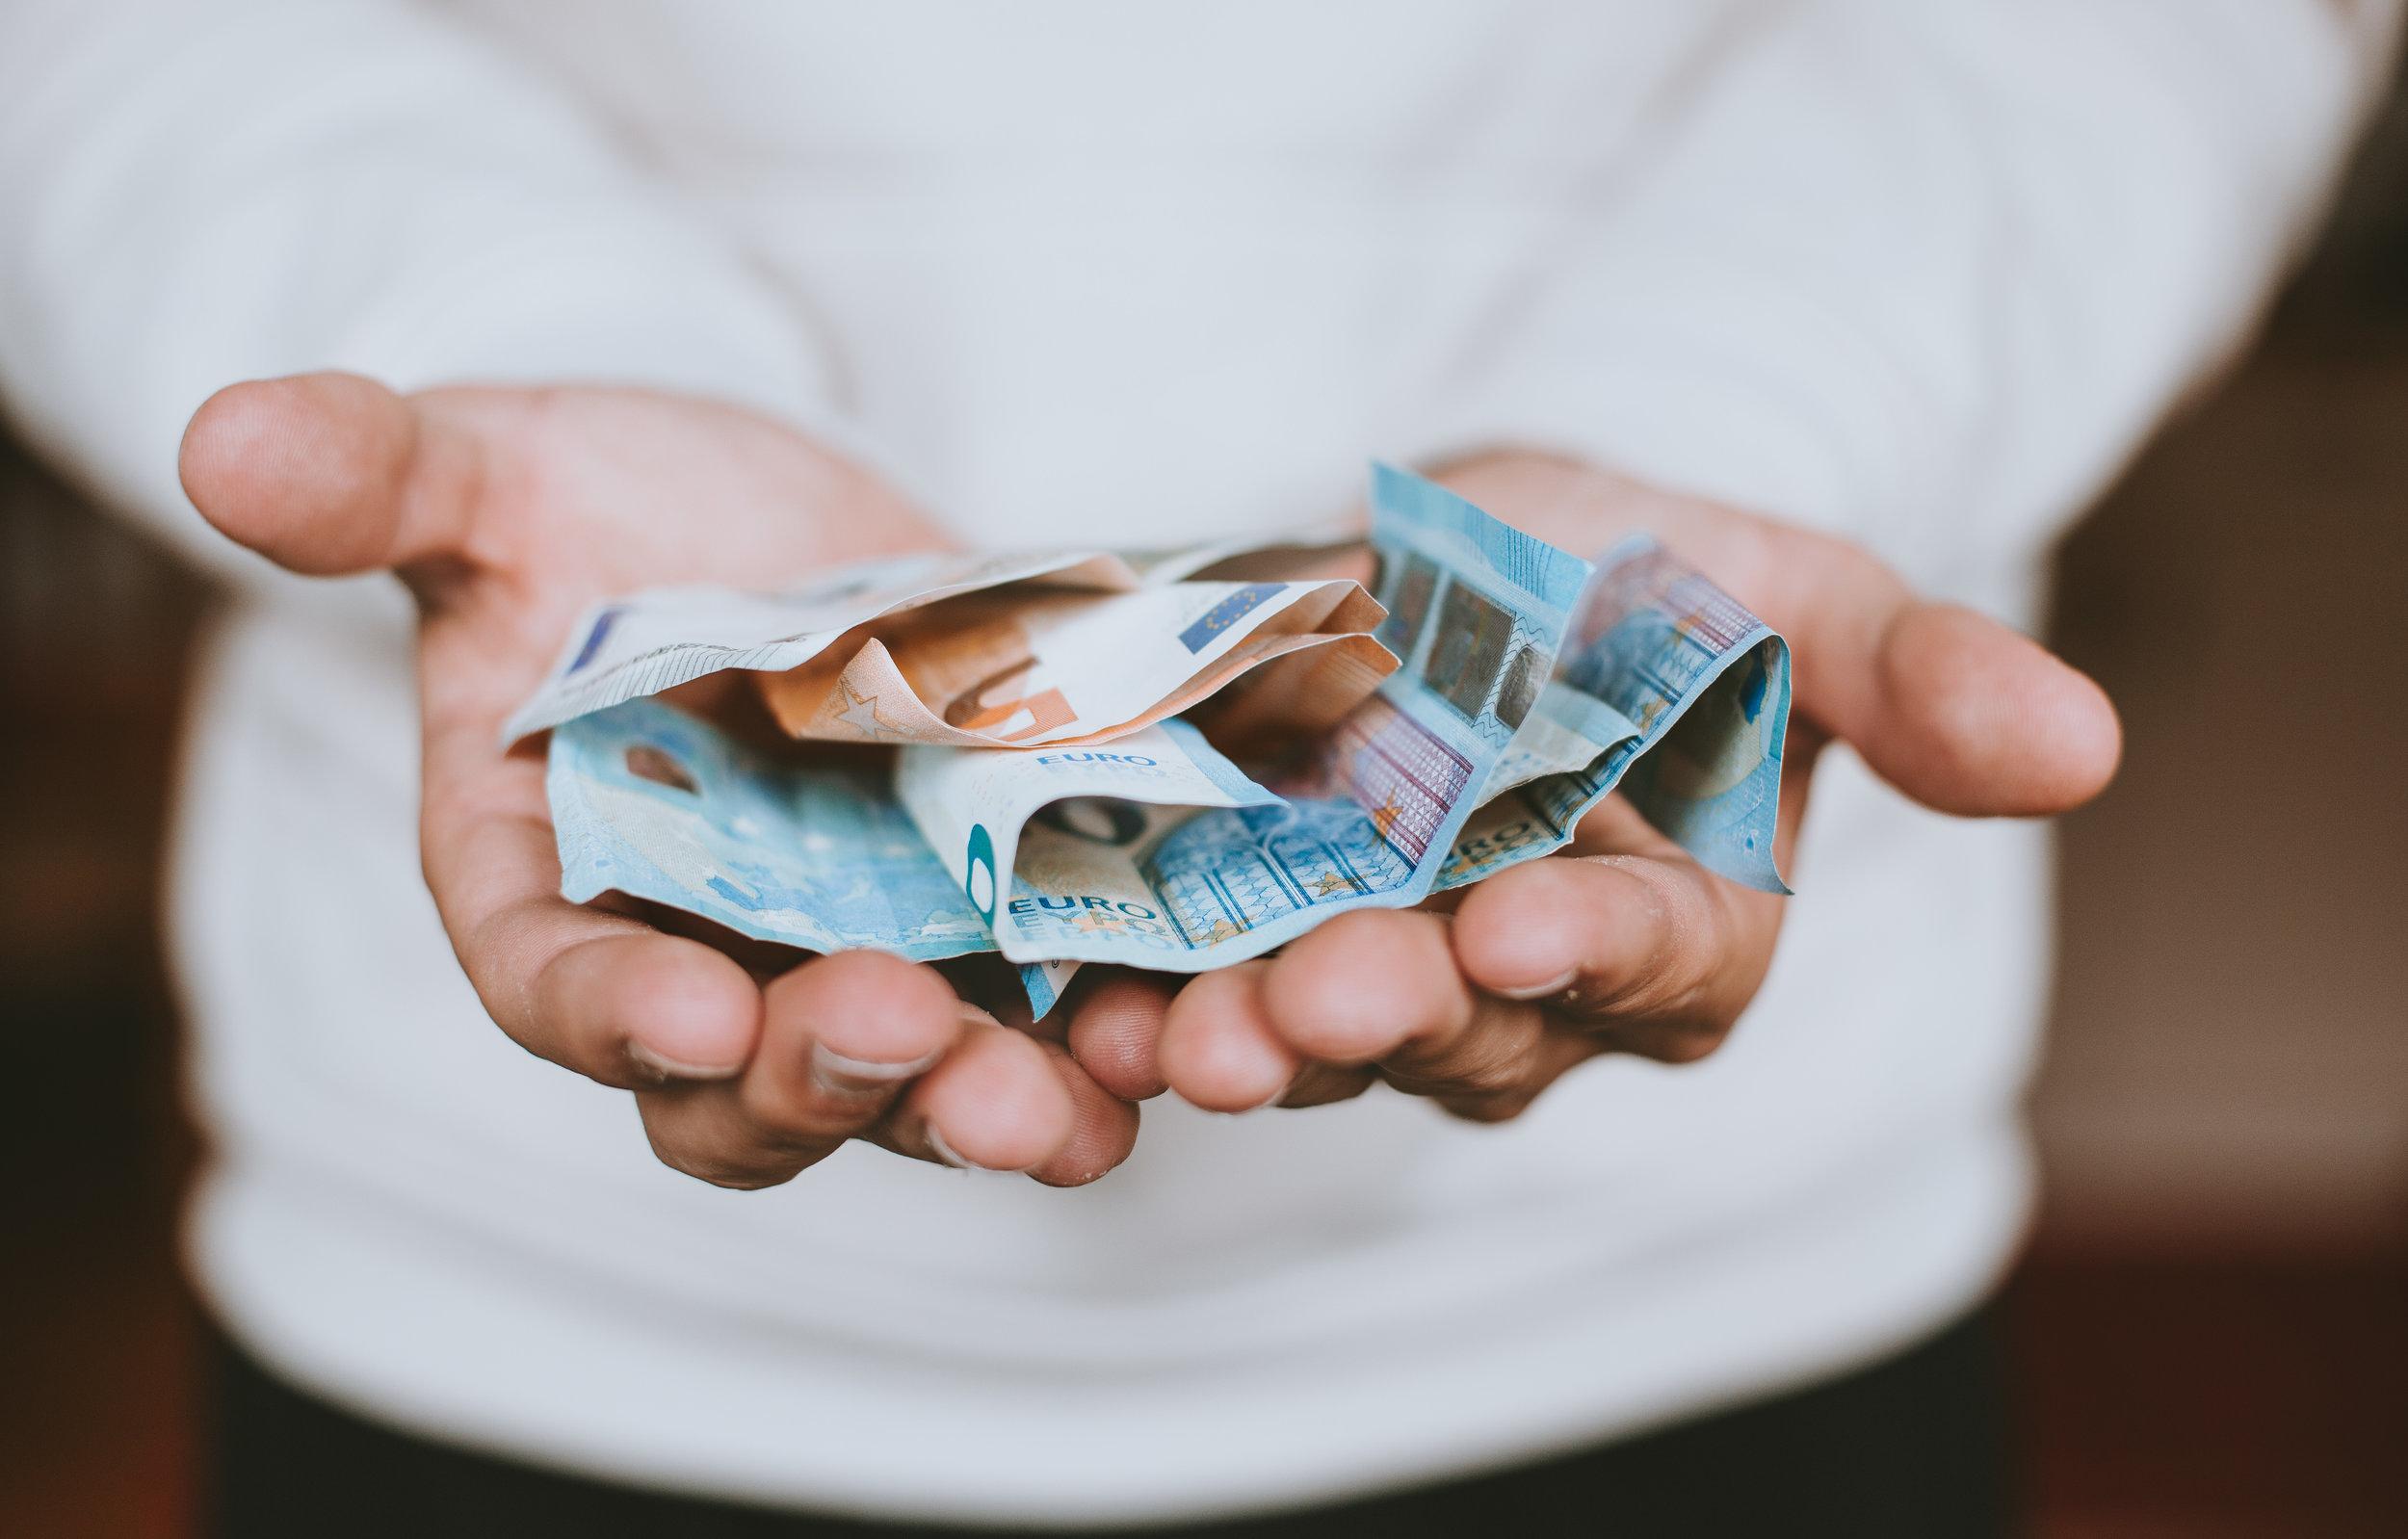 money-euros-Geld-euro-budget-scheine-Ressourcen